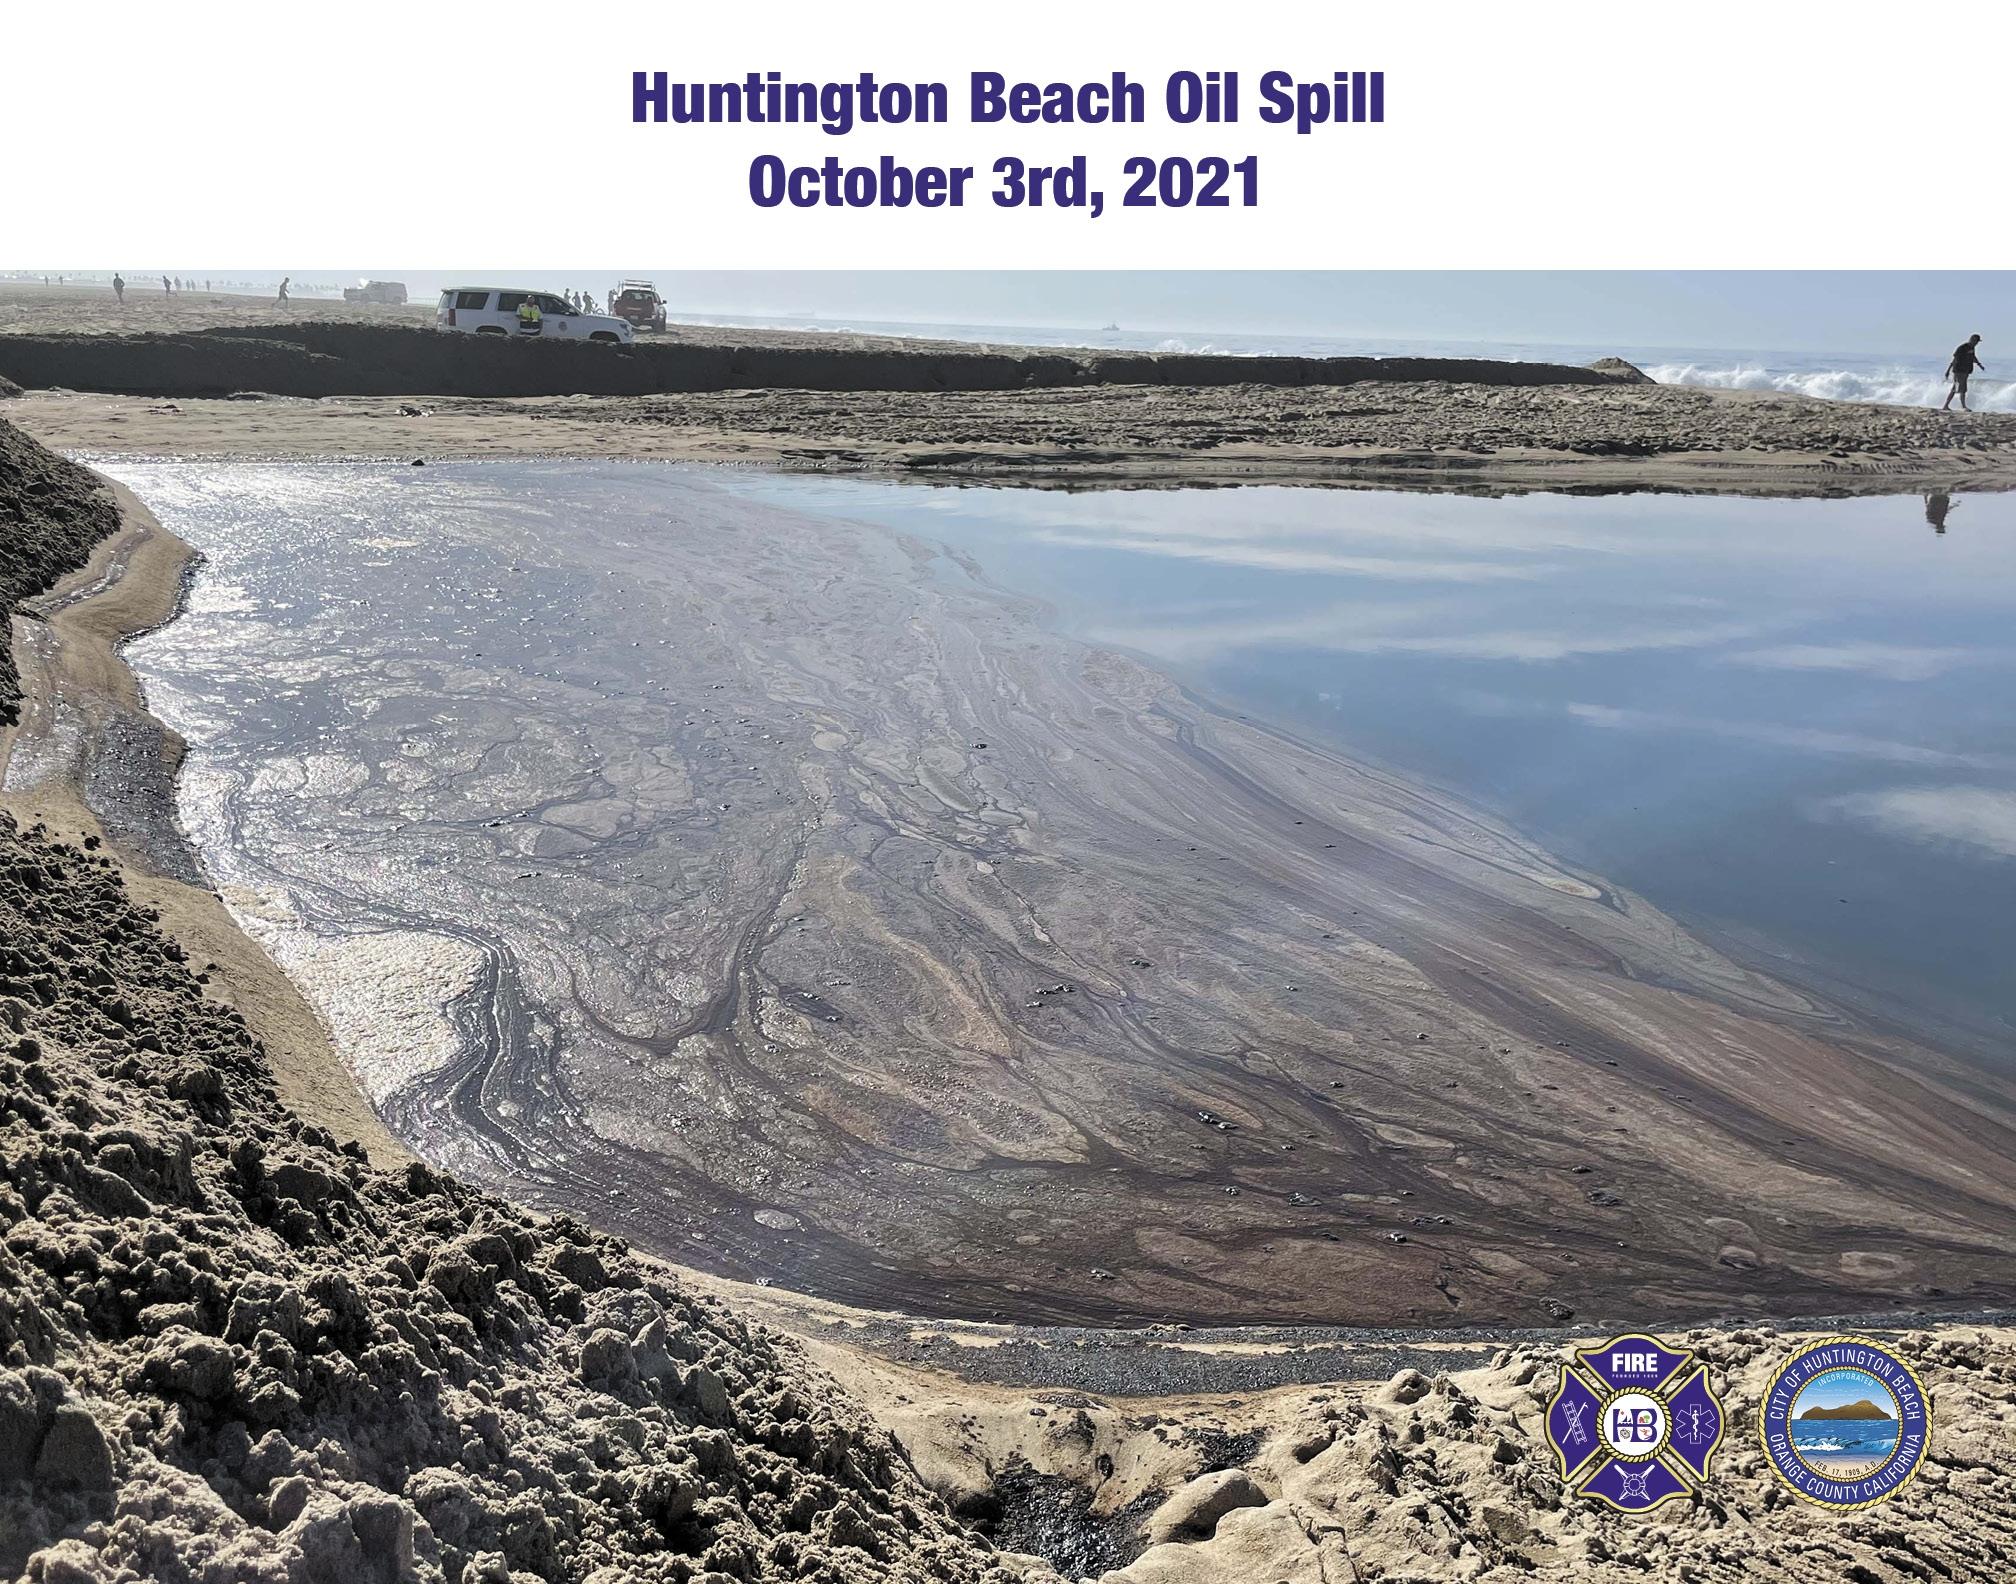 Экологическая катастрофа: в Калифорнии в океан попало более полумиллиона литров нефти (ФОТО) - фото №3